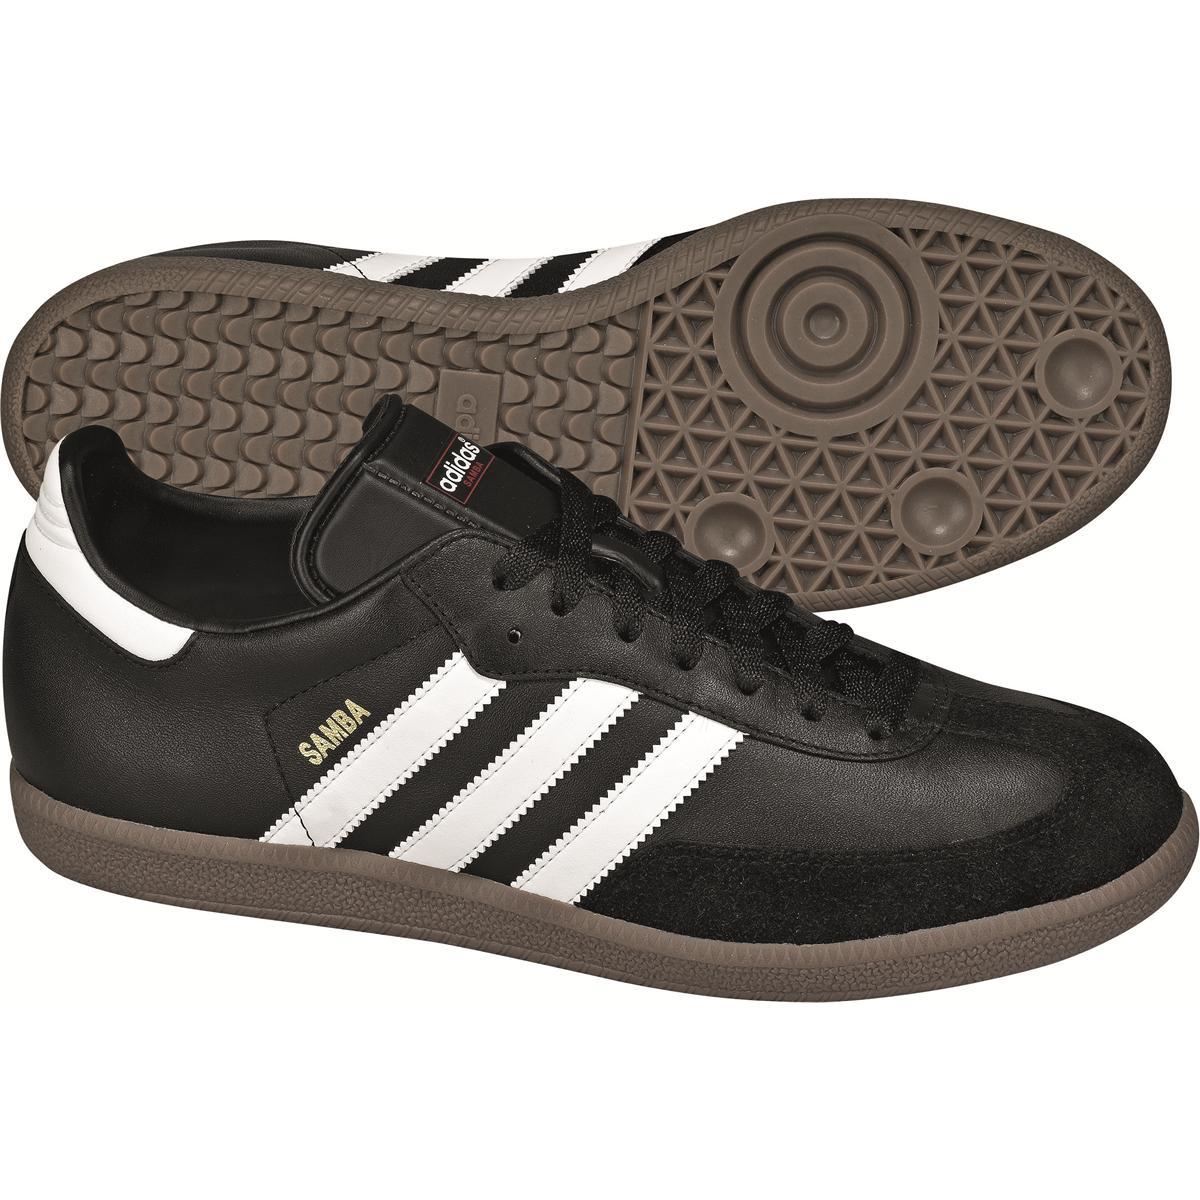 Adidas Samba Fussball -Indoorsch. für Herren